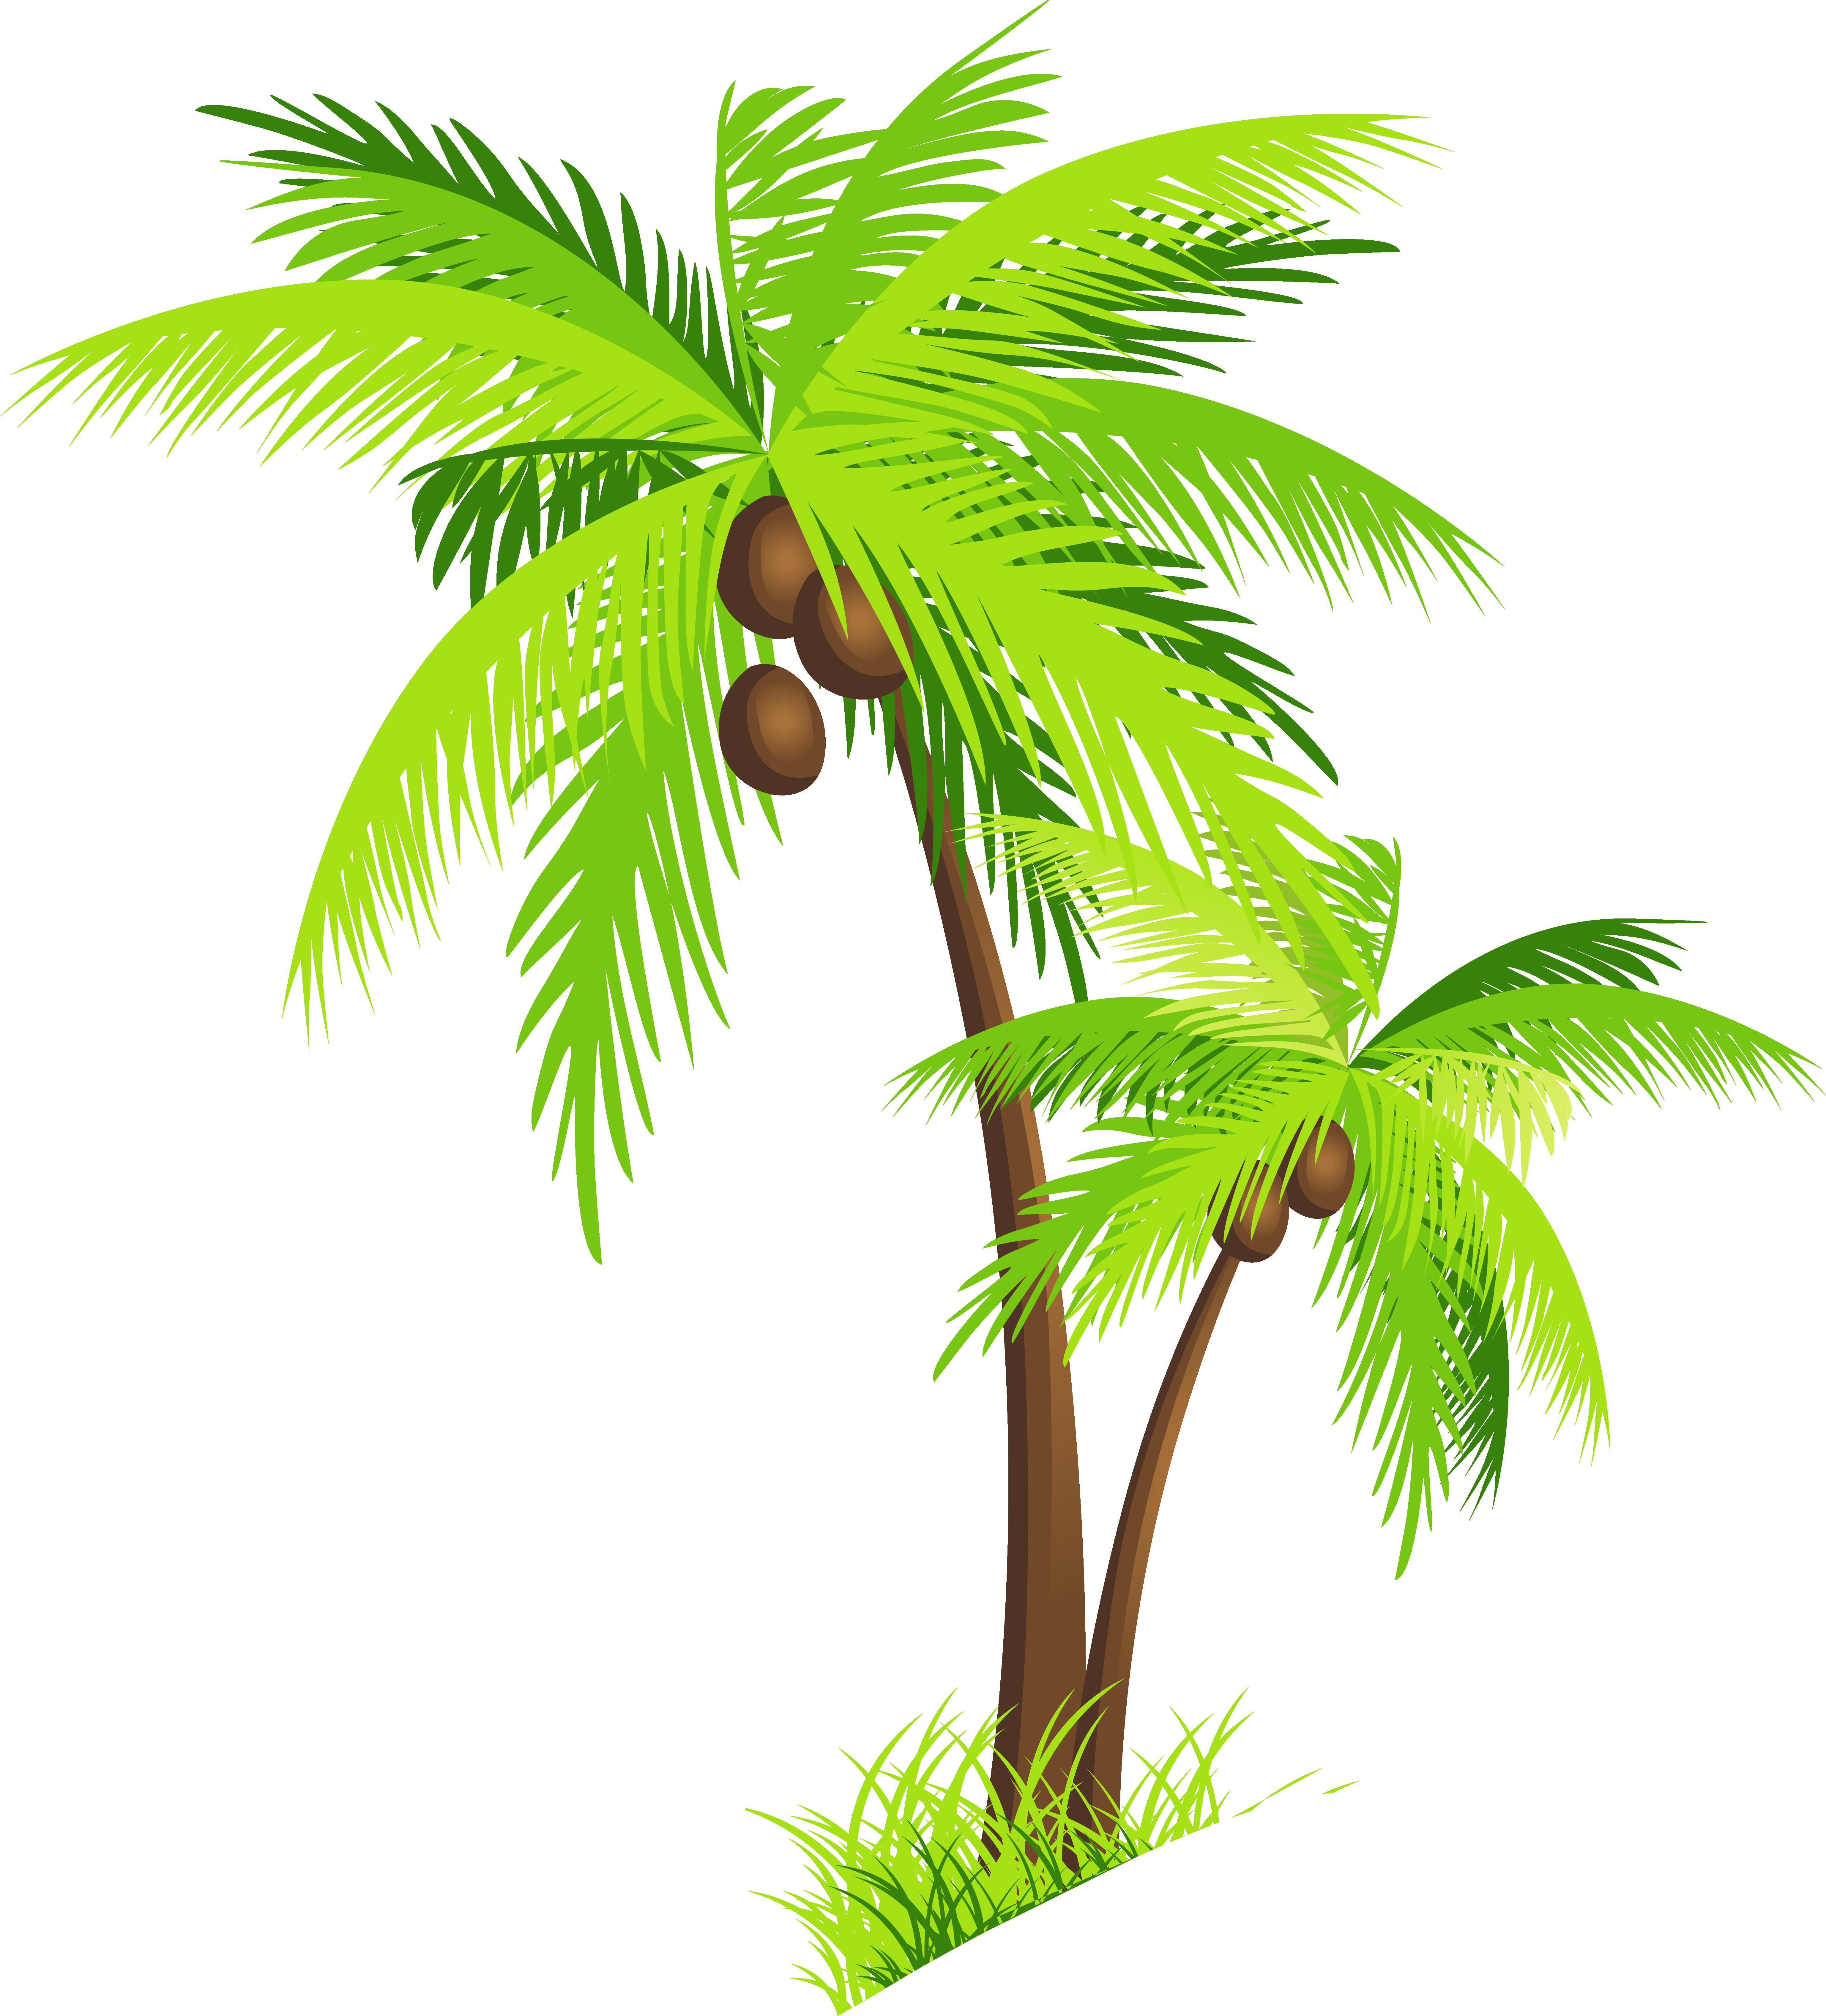 картинки пальма пнг столетии селекционеры